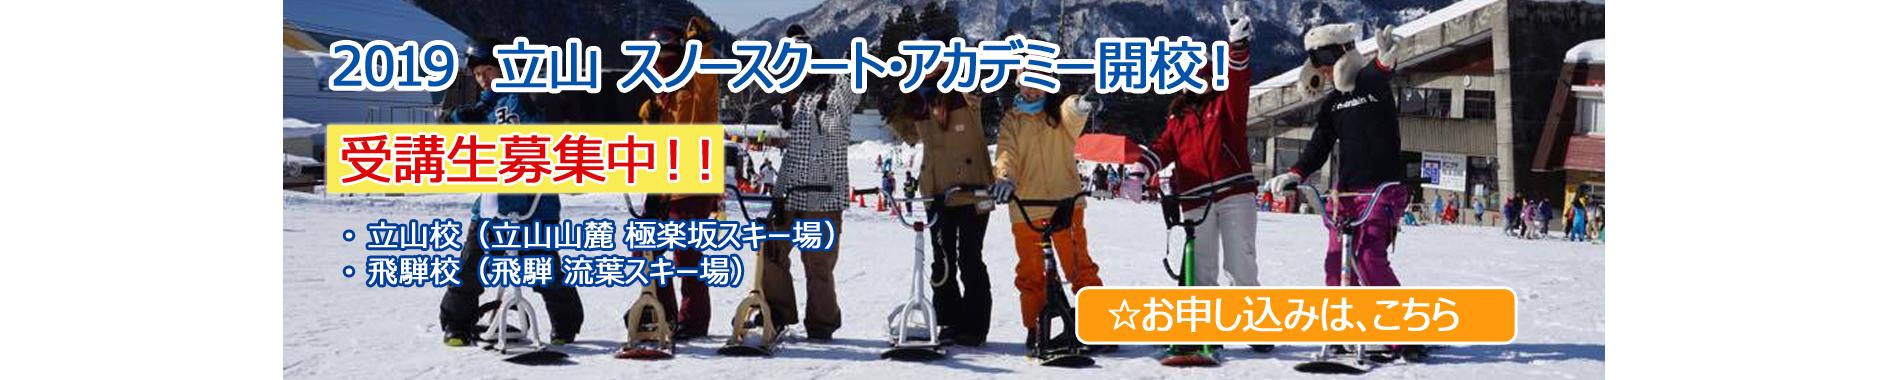 立山スノースクートアカデミー開校!